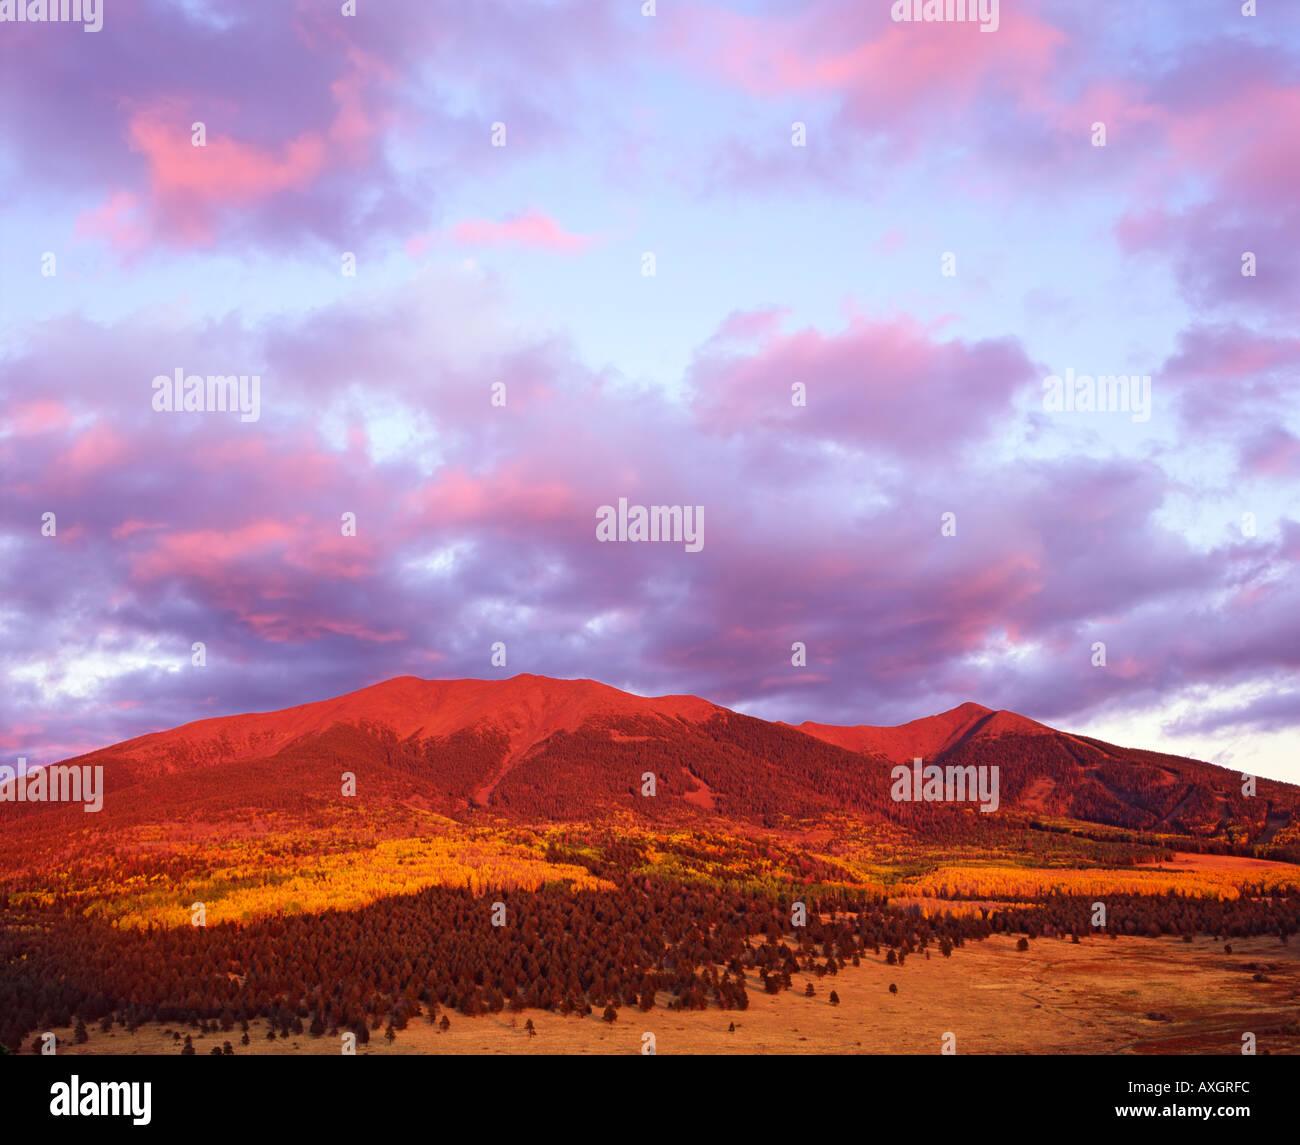 fiery glow burning sunset - photo #10